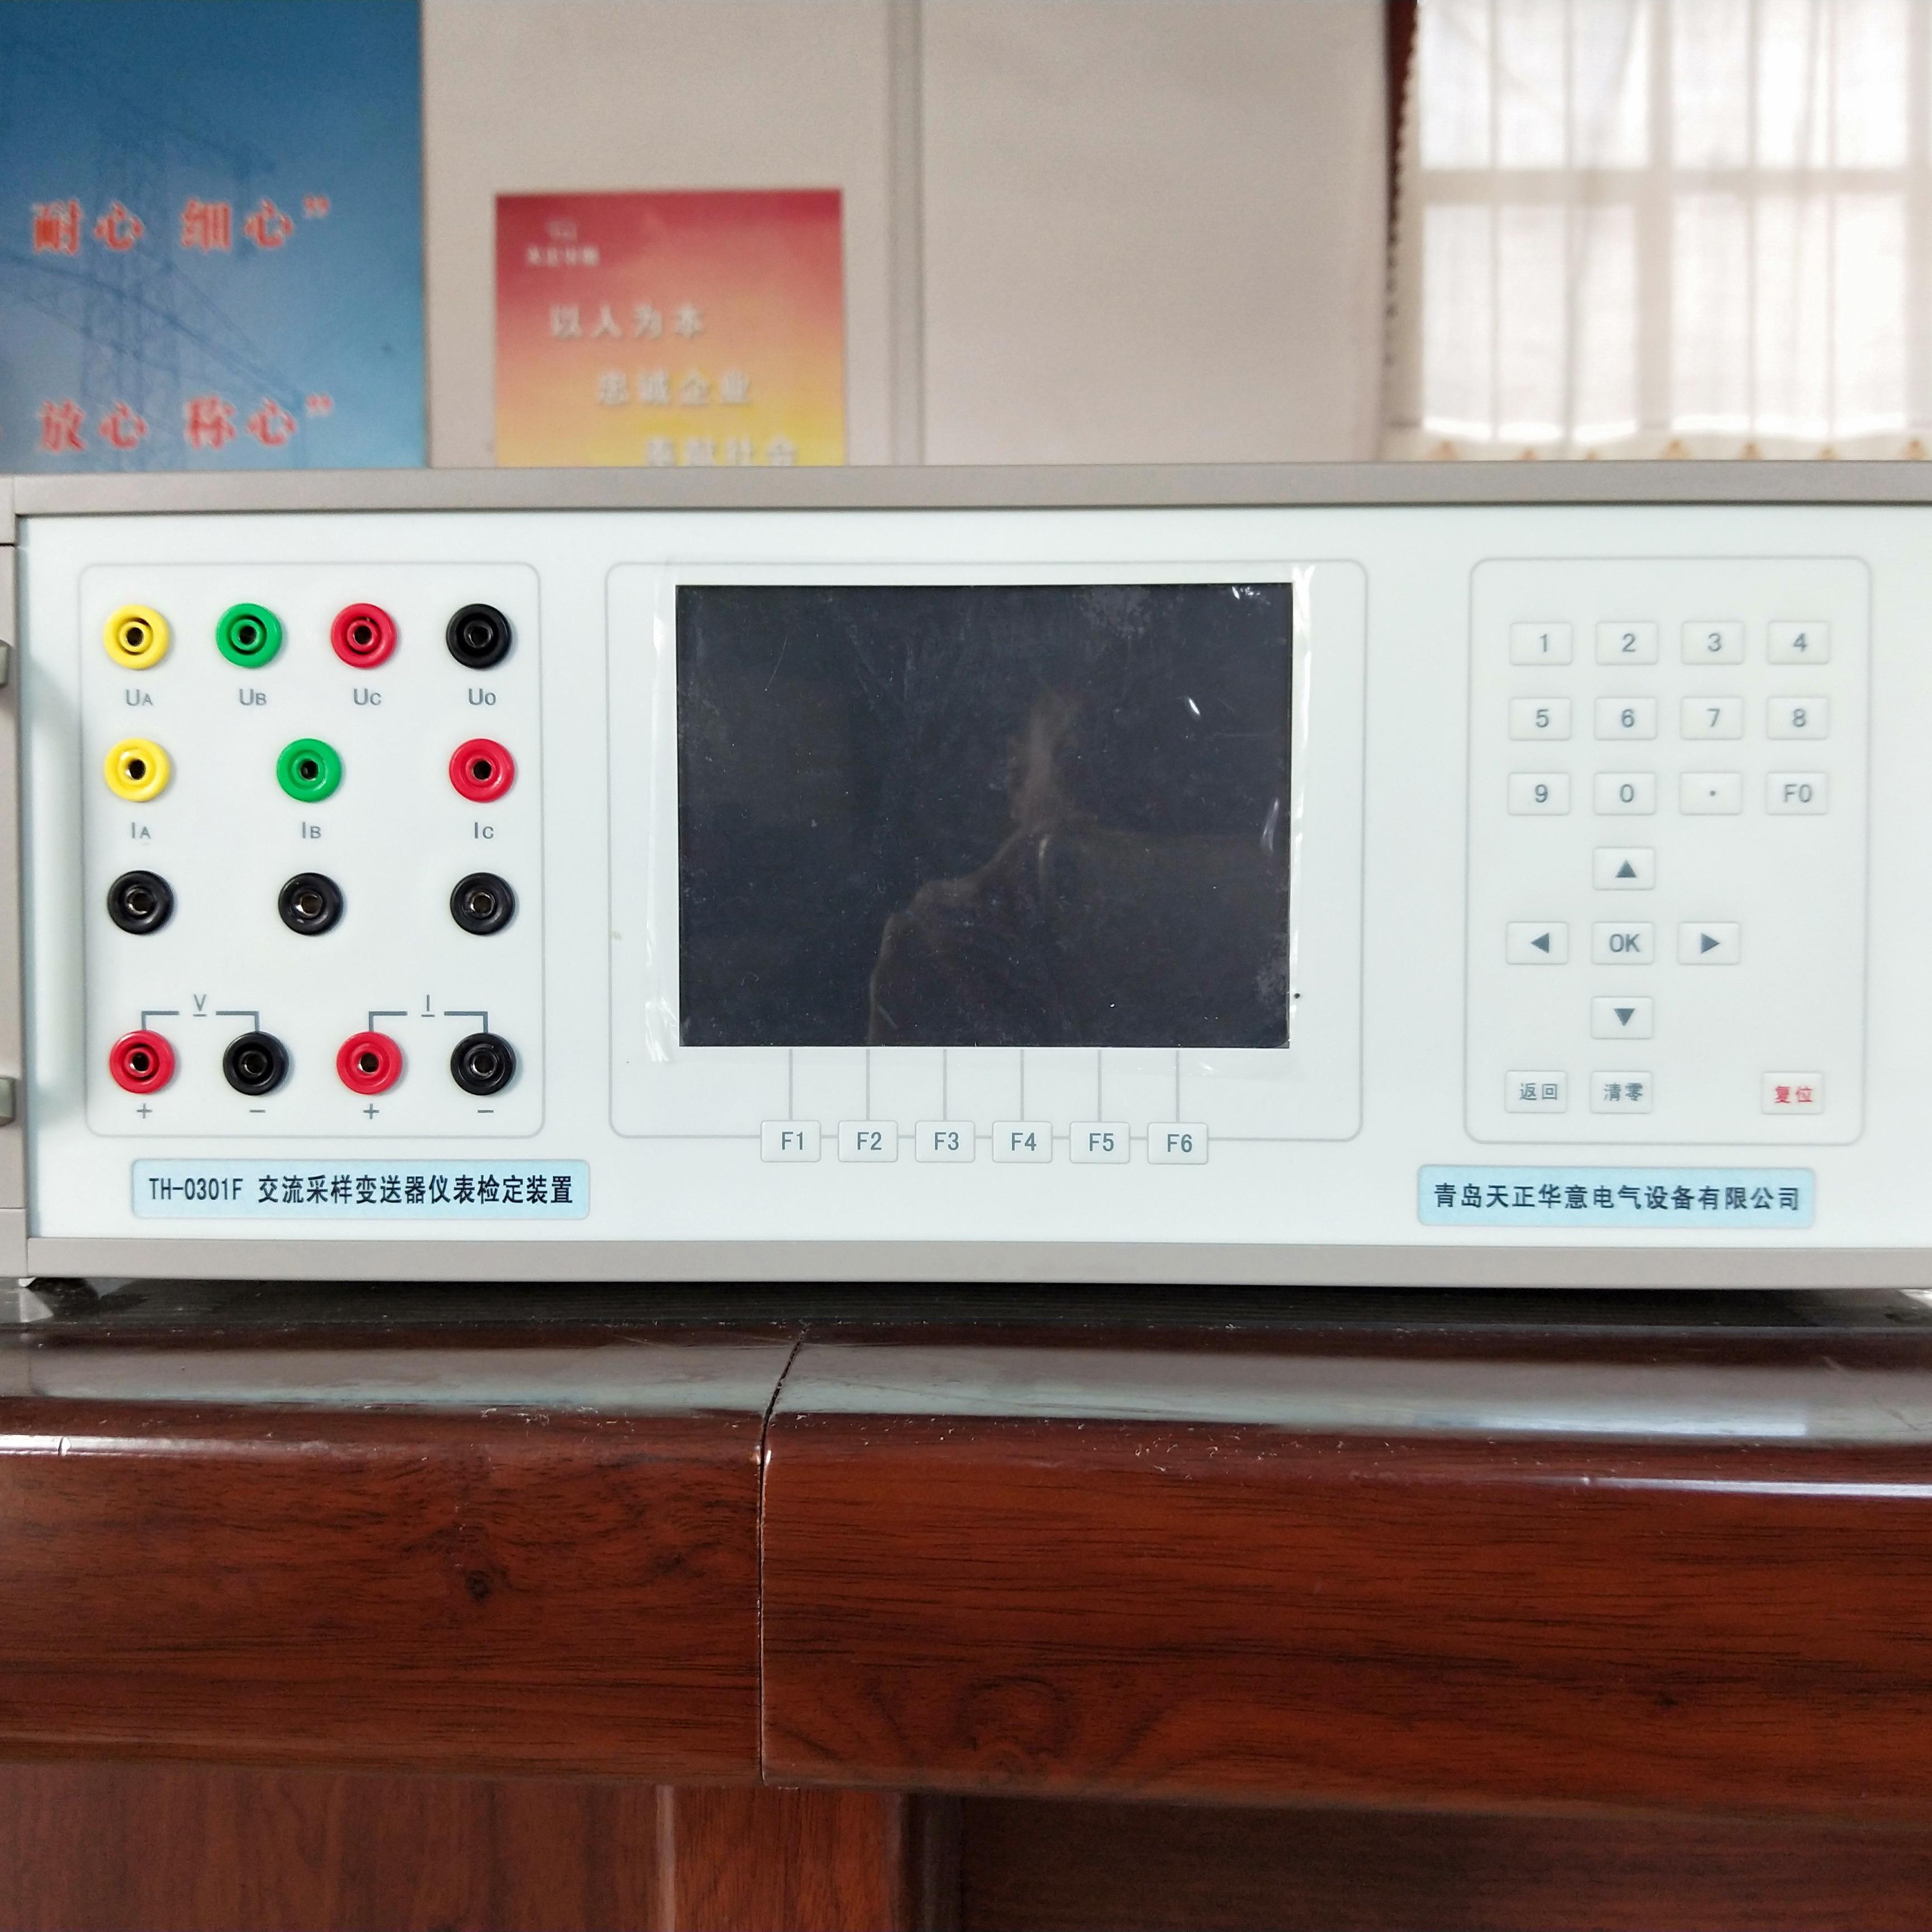 三相交直流标准功率源 -三相交直流标准源- 三相标准功率源